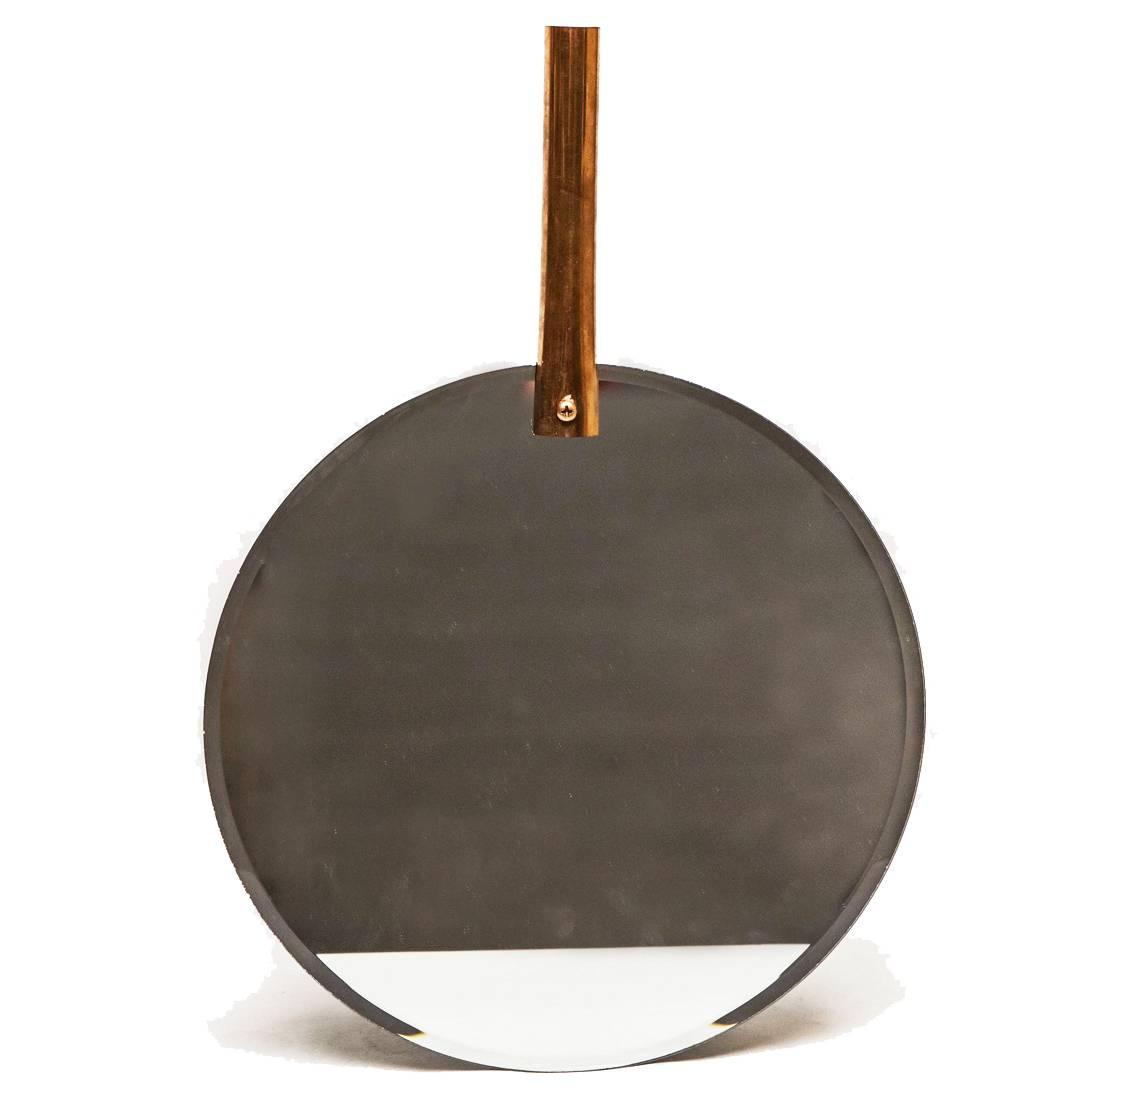 Miroir Mural Glace Tendance De Forme Ronde En Fer Patine Avec Cylindre De Fixation En Cuivre 2x30x43 5cm L Heritier Du Temps